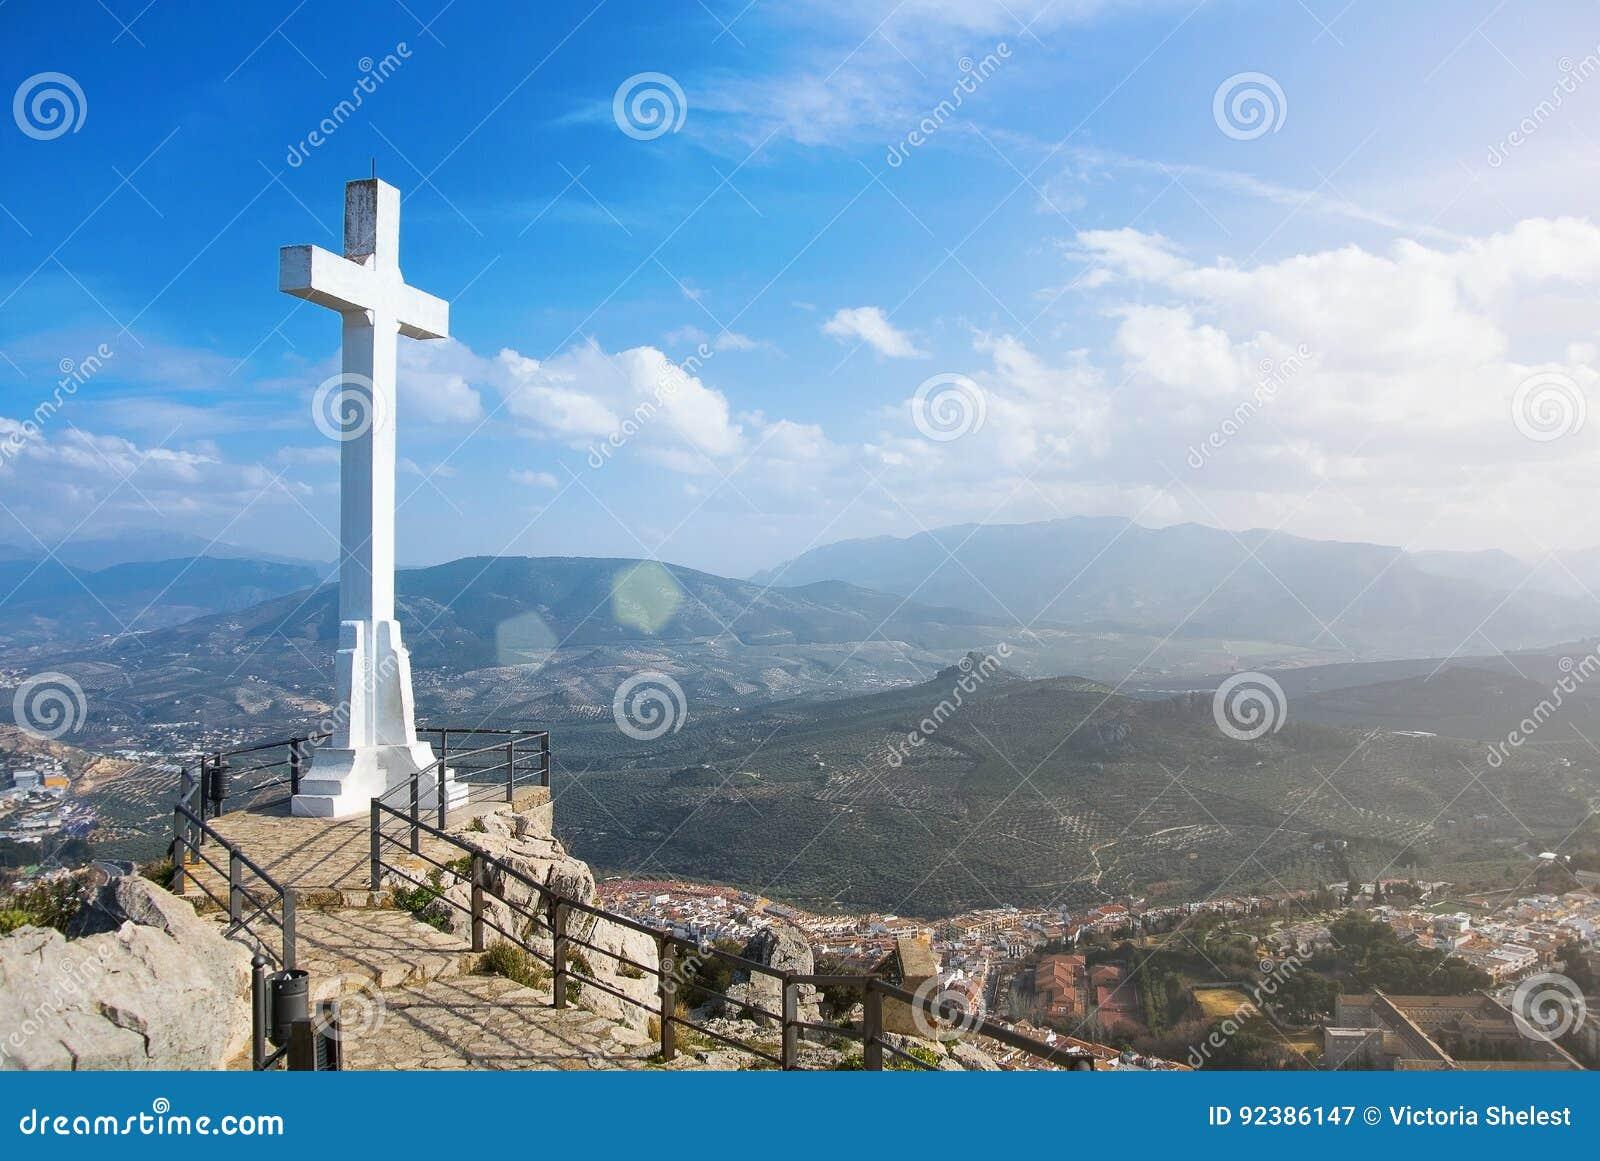 Een wit kruis over de stad van Jaen bij de berg, een symbool van de stad met Siërra Magina-bergen op achtergrond op zonnige dag